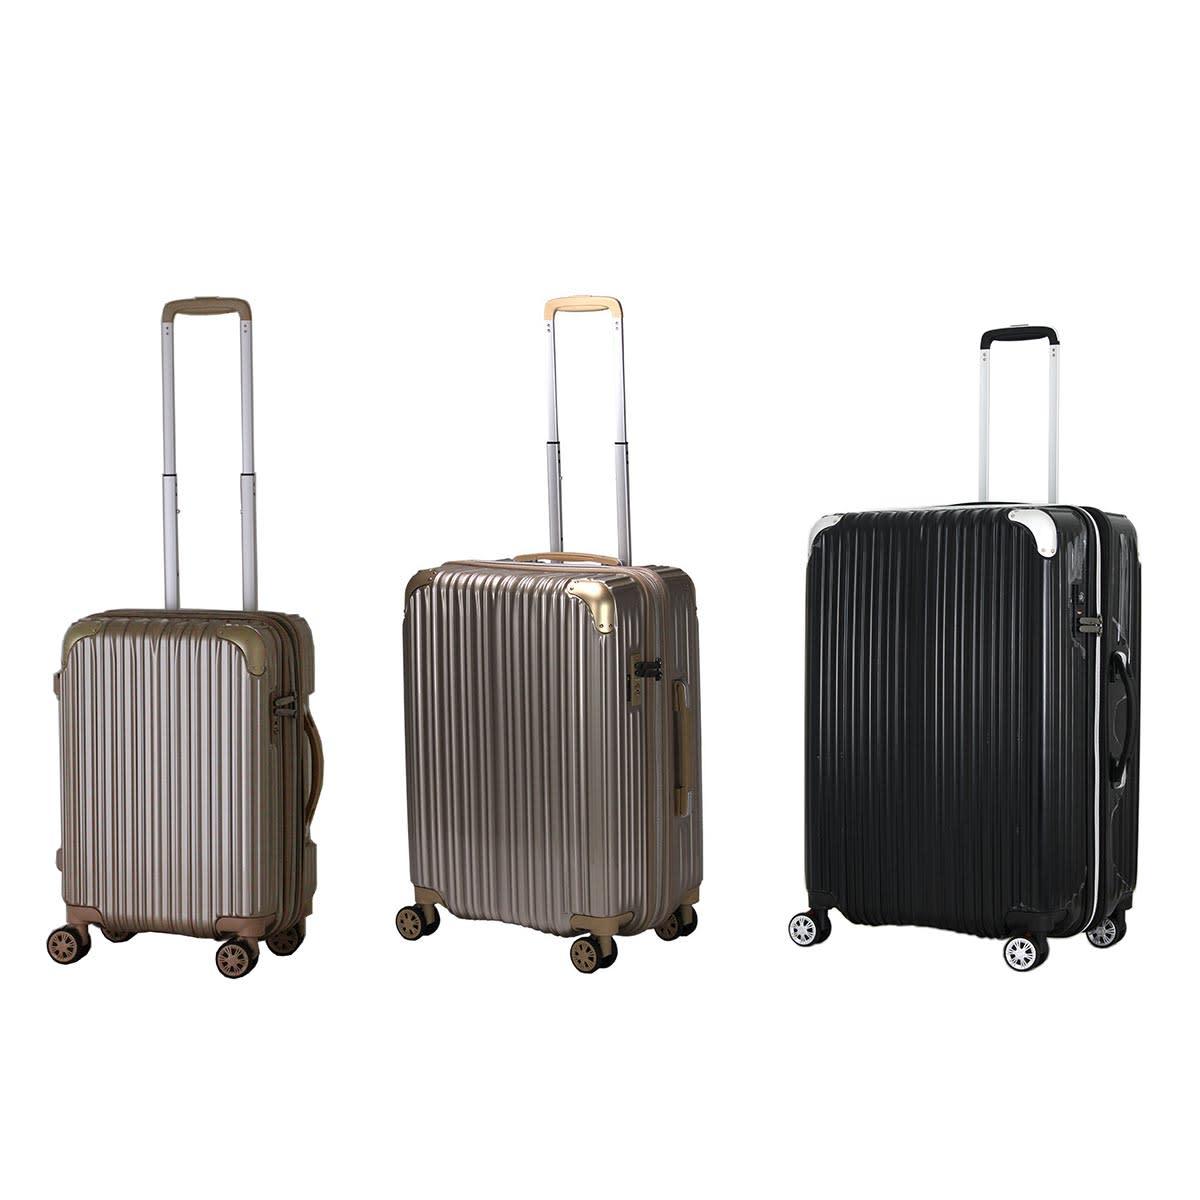 (62-68L)トライデント/拡張式ハードジッパースーツケース|キャリーケース・キャリーバッグ ゴールド/ブラック スーツケース(ハードタイプ)